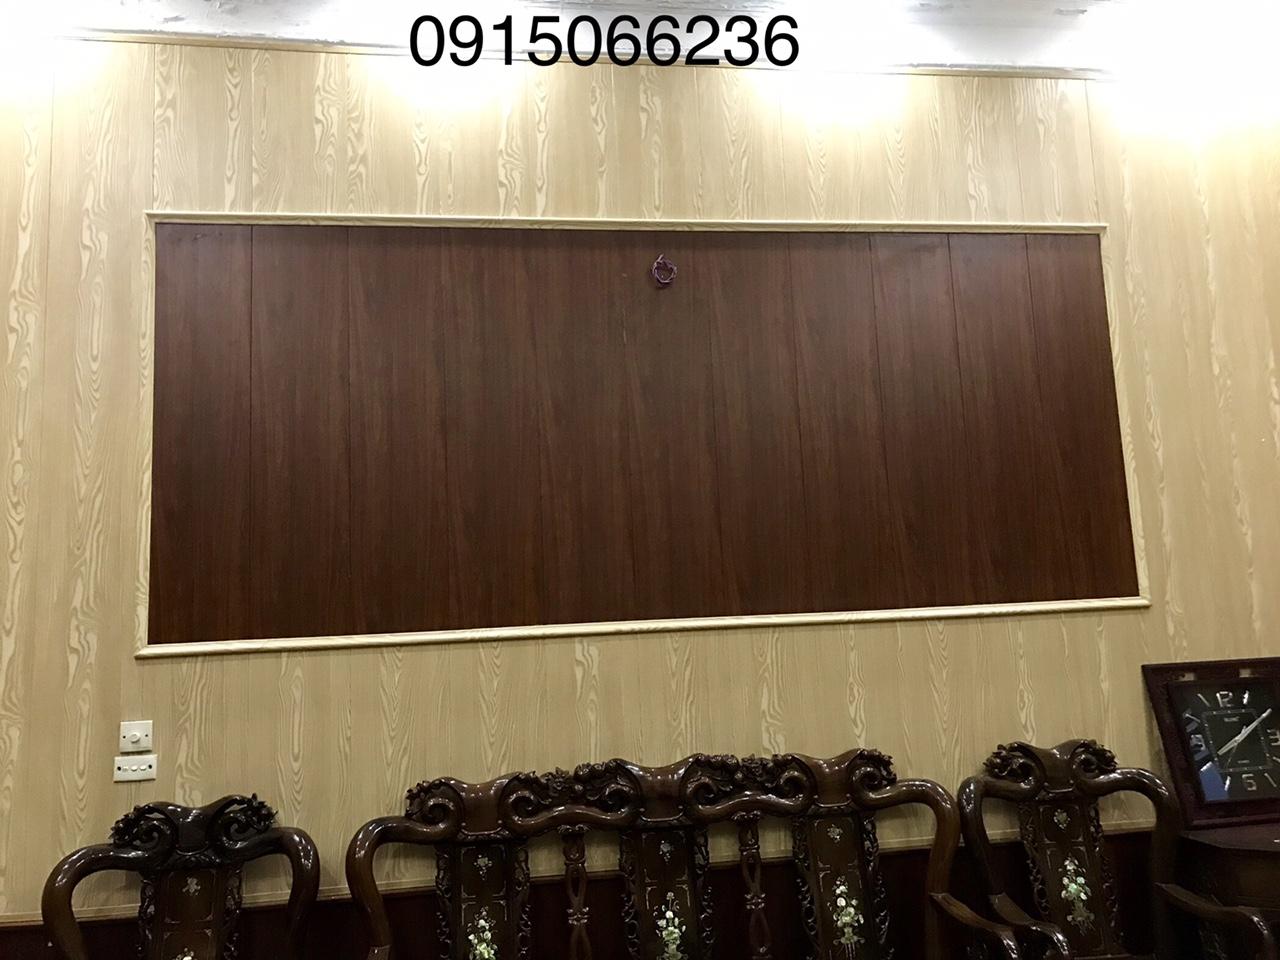 ốp tường nhựa vân gỗ, báo giá tấm ốp tường đài loan,